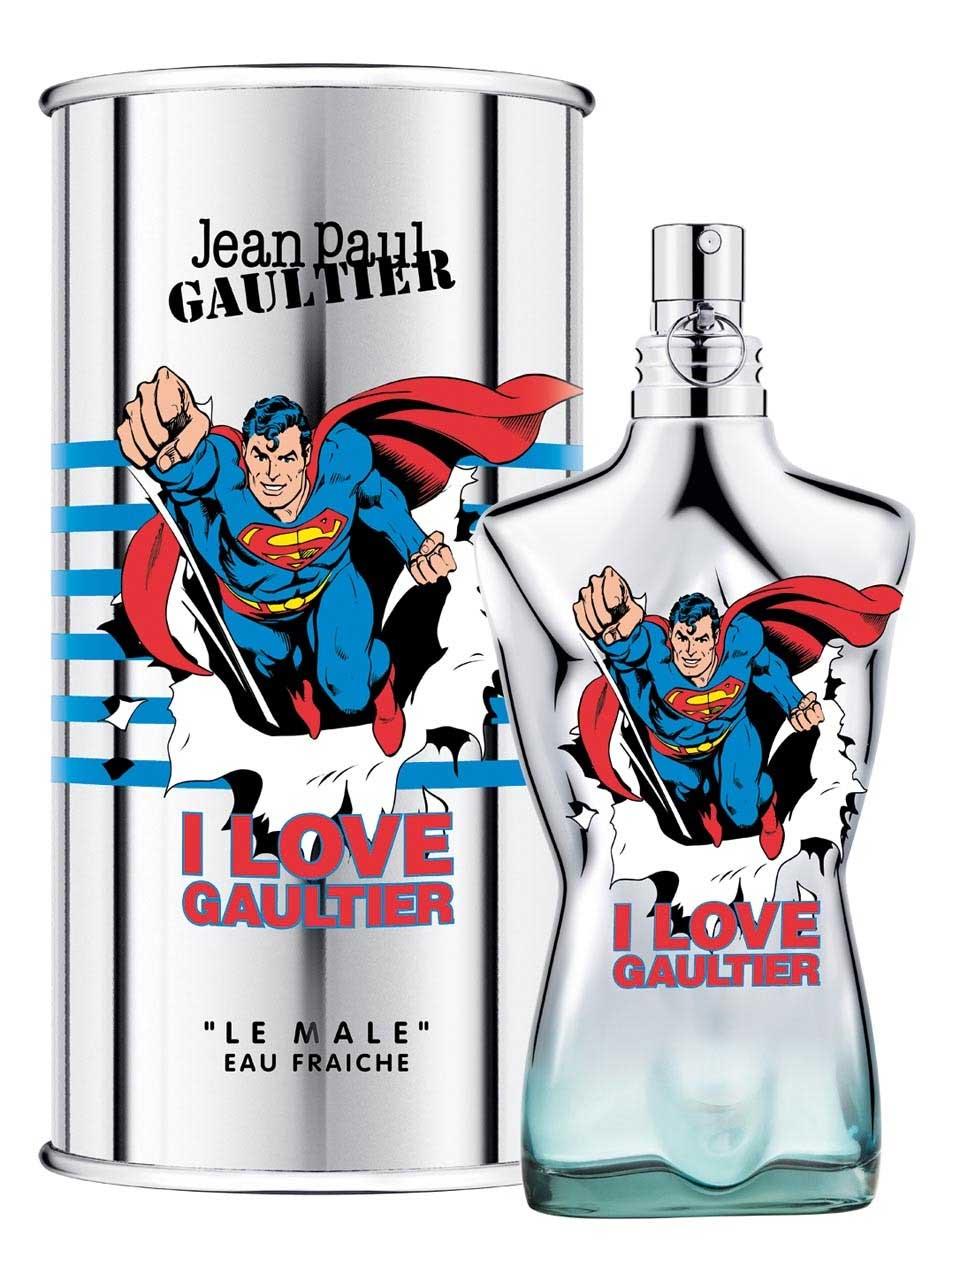 Jean Paul Gaultier Le Male Superman Eau Fraiche M EDT 75ml